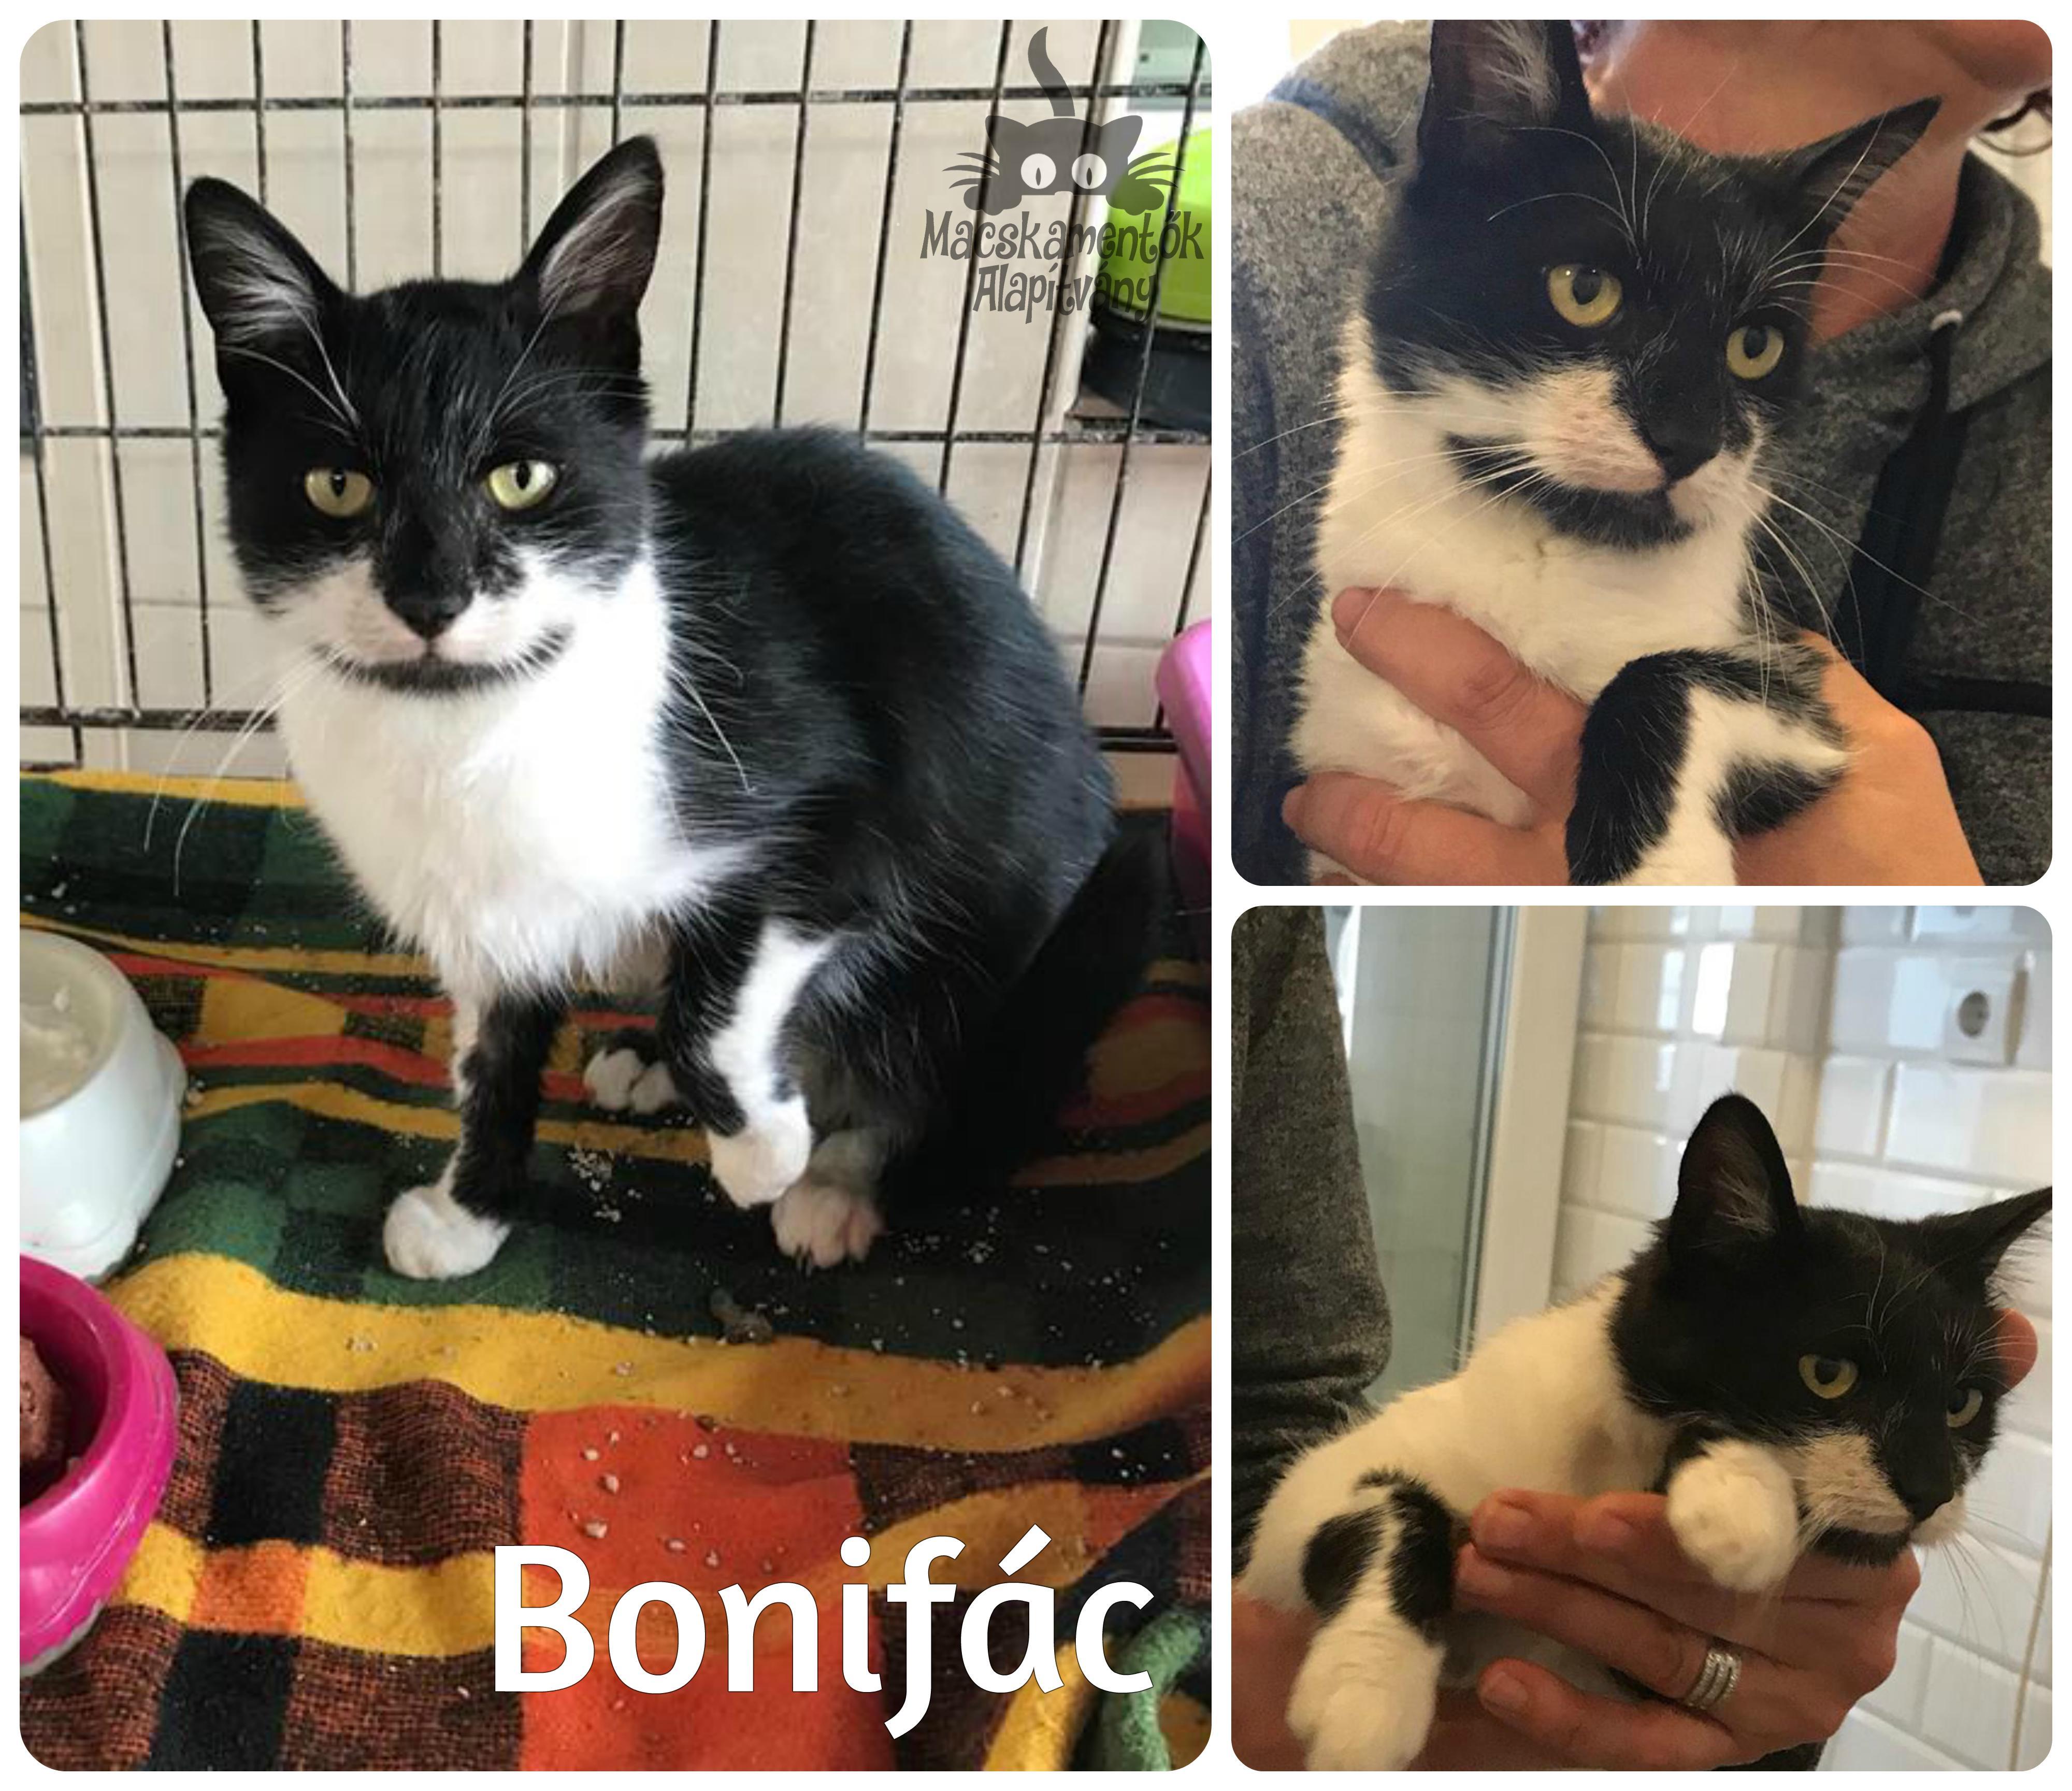 bonifac1030_bf.jpg